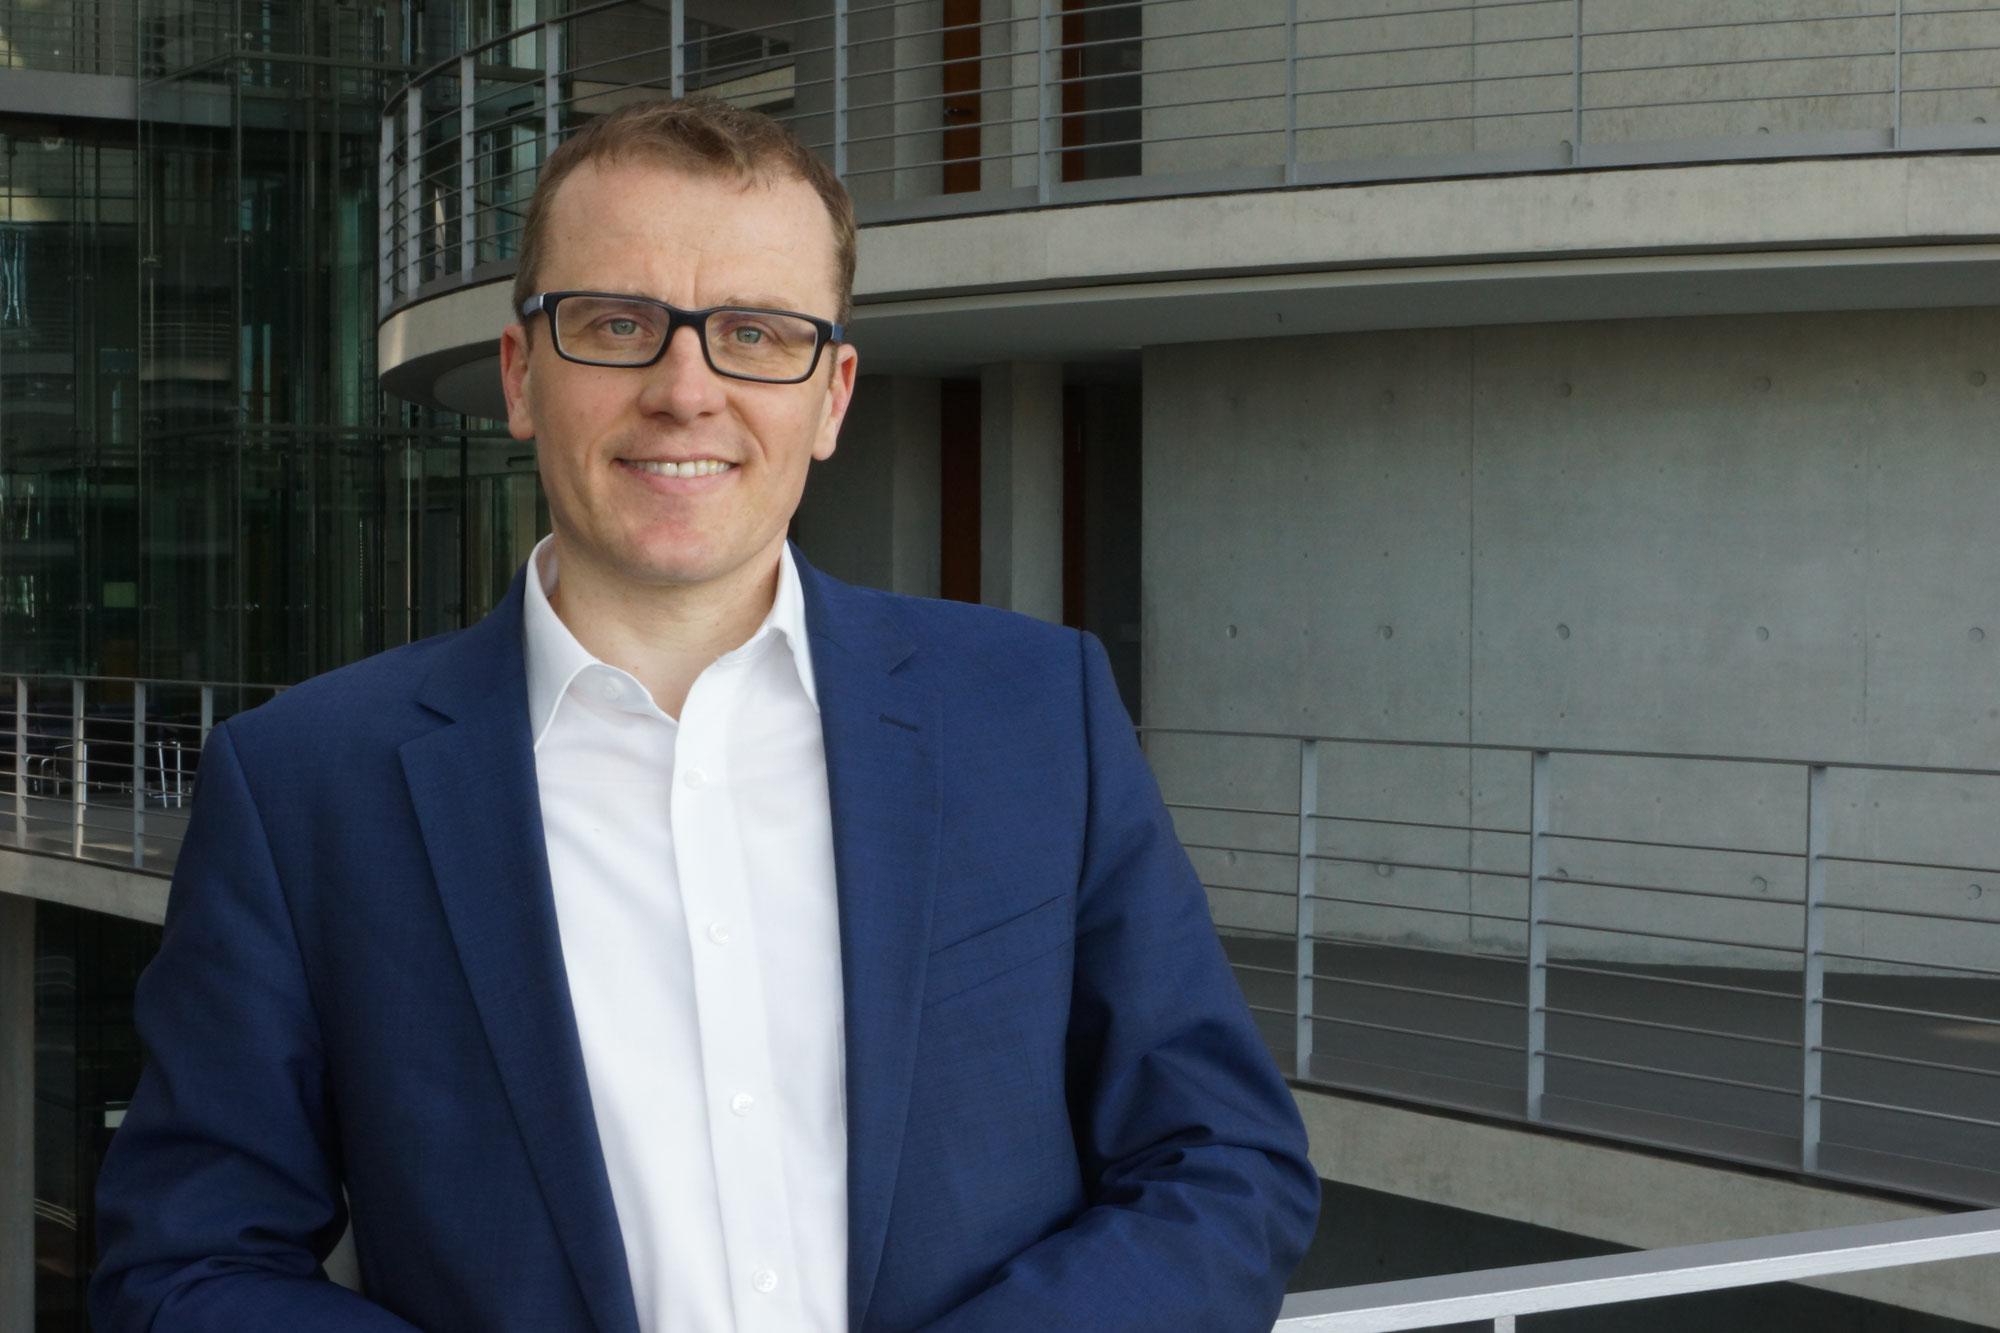 Erzgebirge kommt zum Zuge: 18 Millionen Euro für Bahnland Erzgebirge